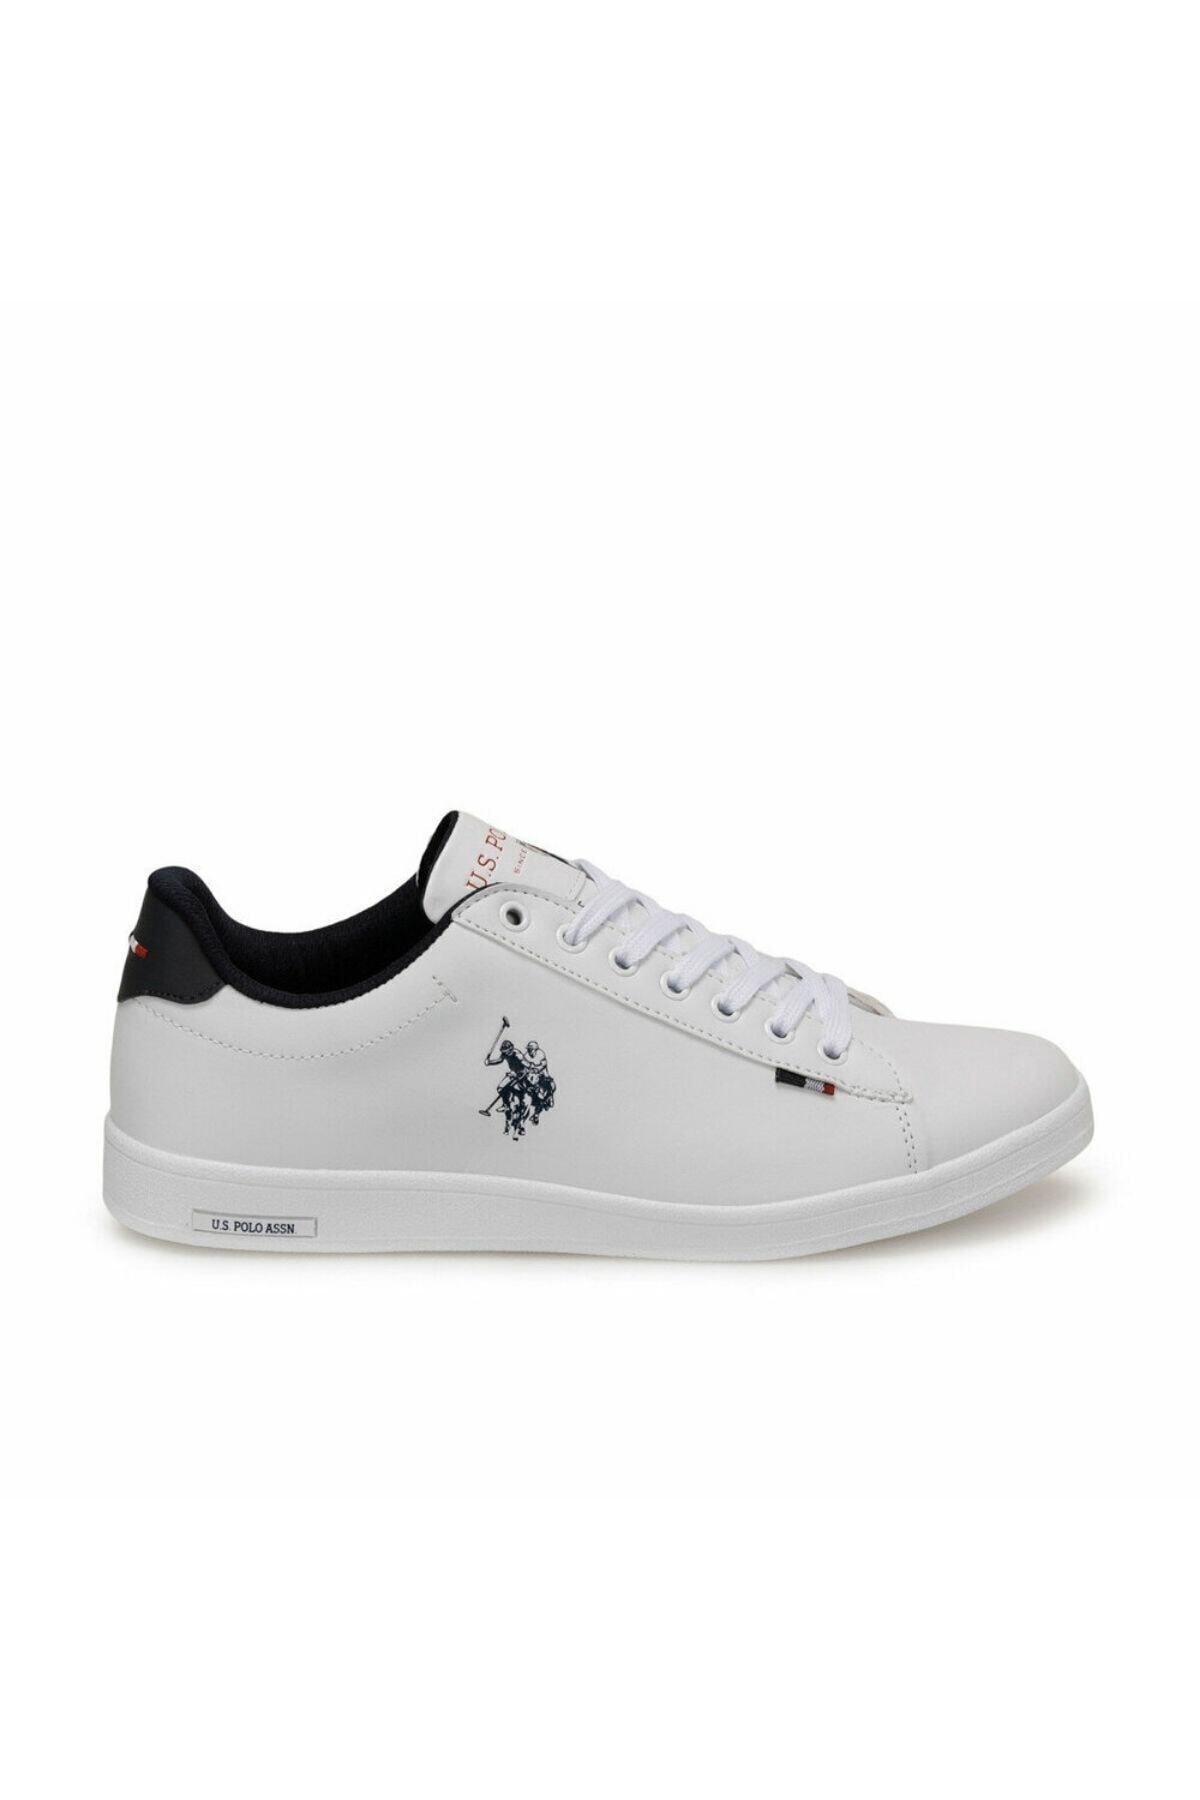 U.S. Polo Assn. Erkek Beyaz U.s.polo Assn.100548978 Franco Dhm Ayakkabı 2